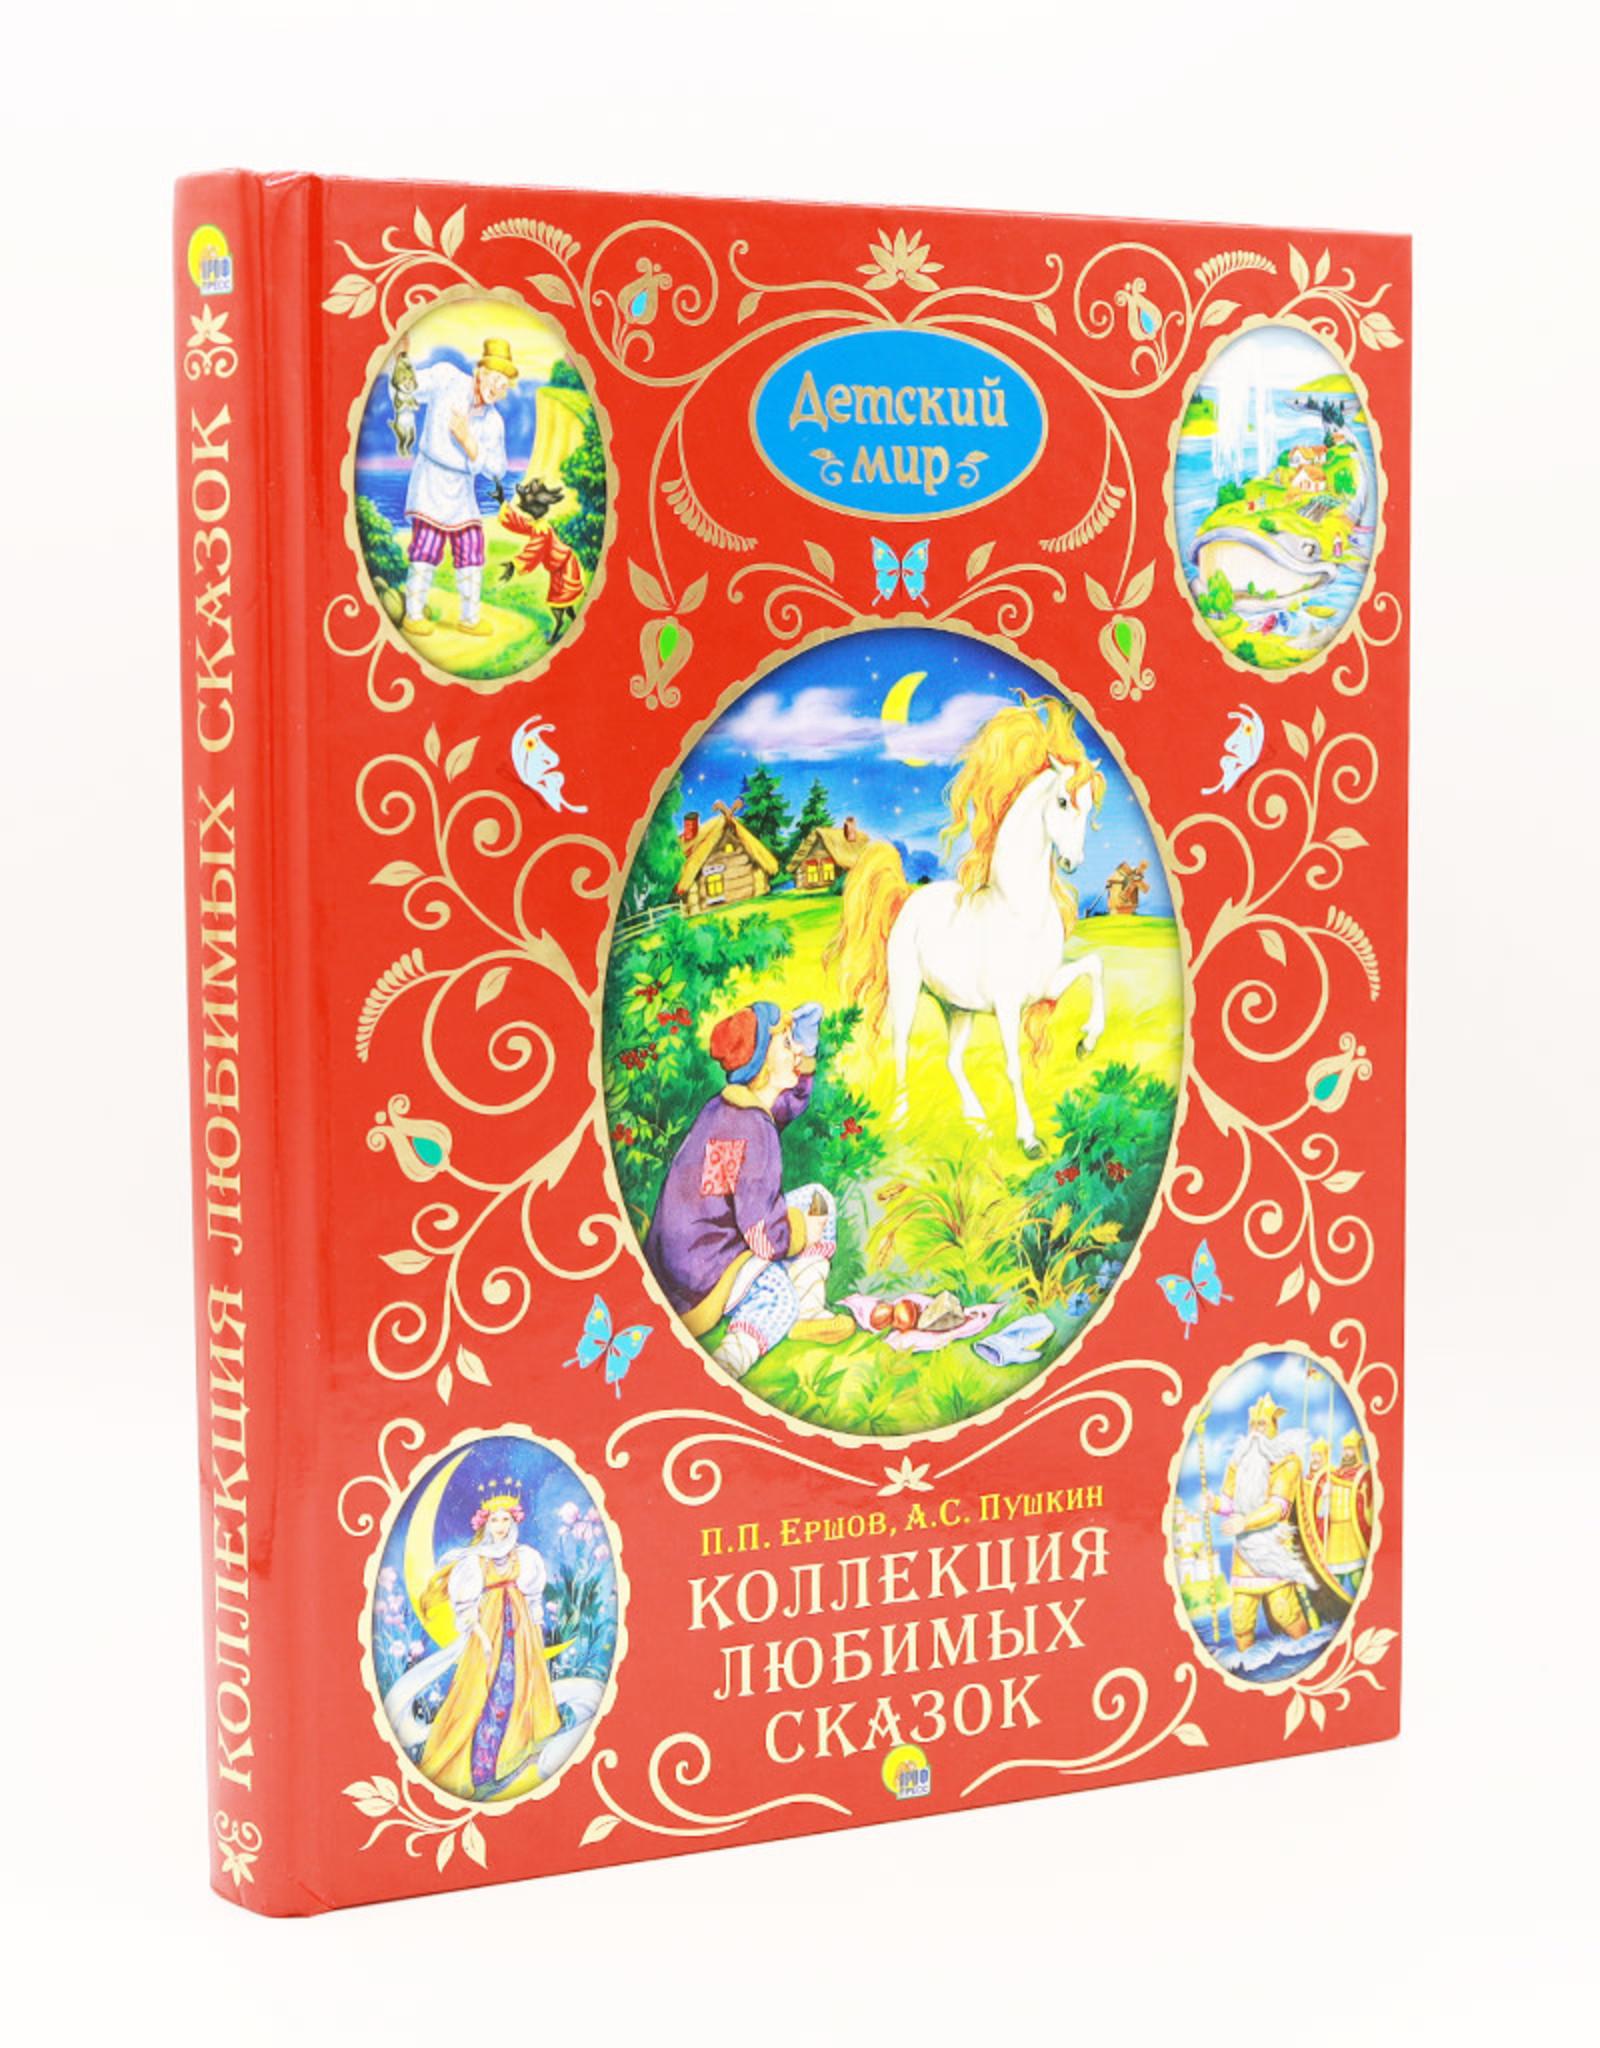 Детский Мир, Коллекция Любимых Сказок